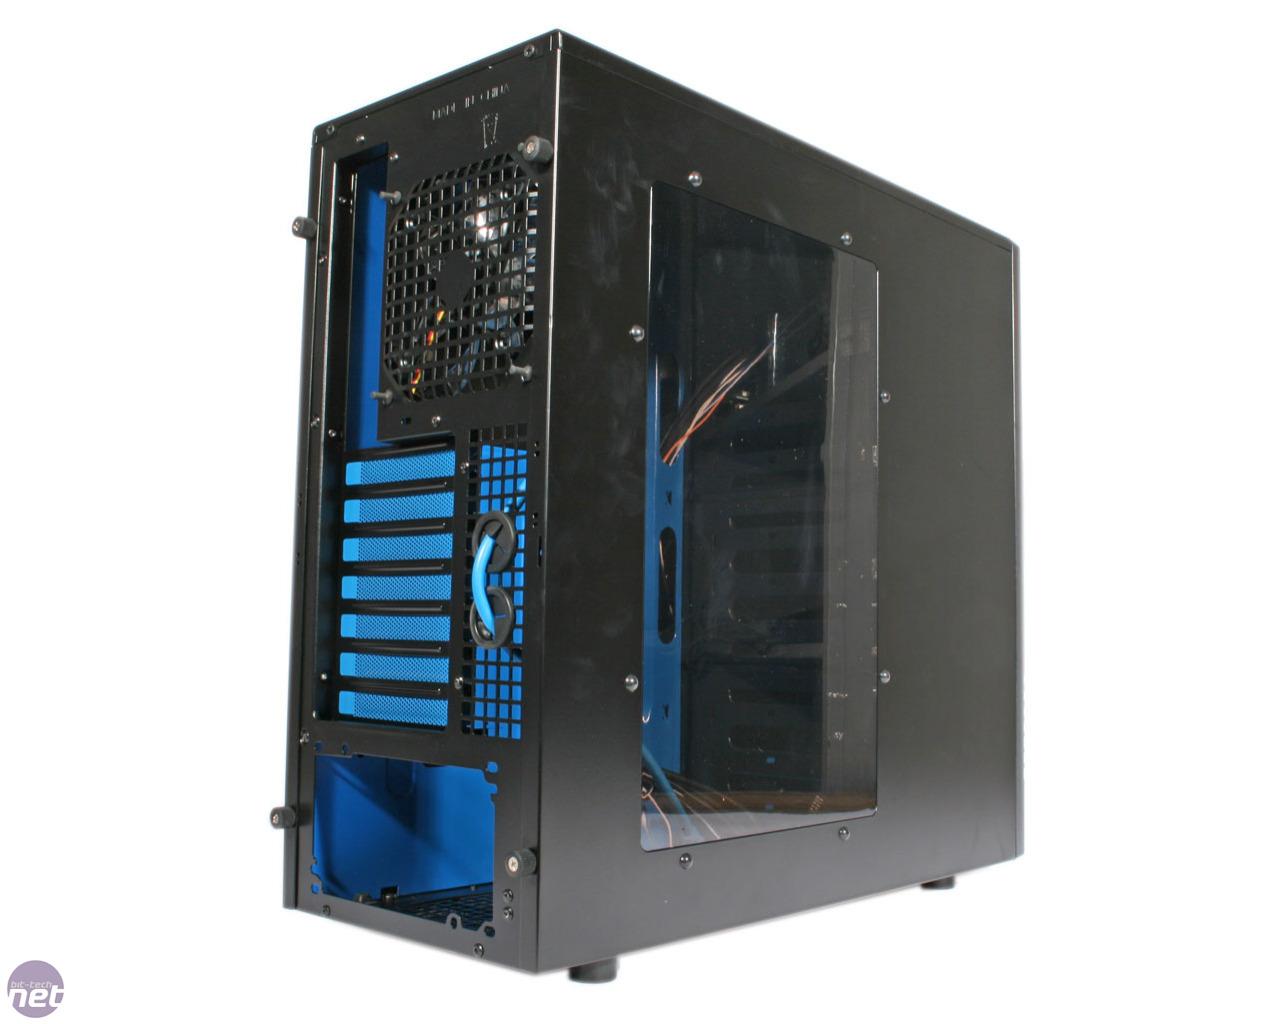 Sharkoon T28 Review Bit Tech Net